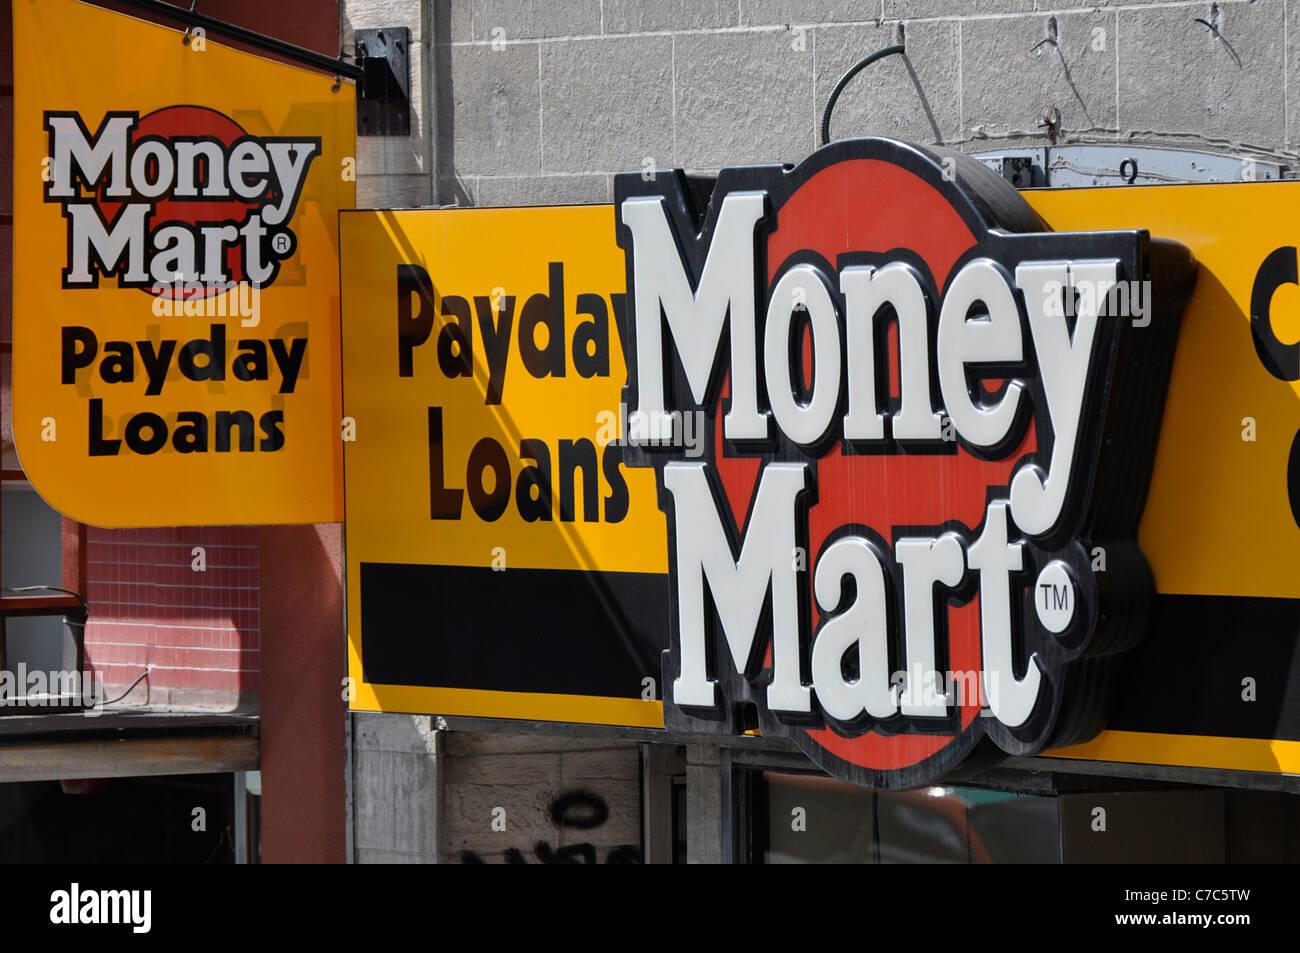 Cash Loans Stock Photos Cash Loans Stock Images Alamy